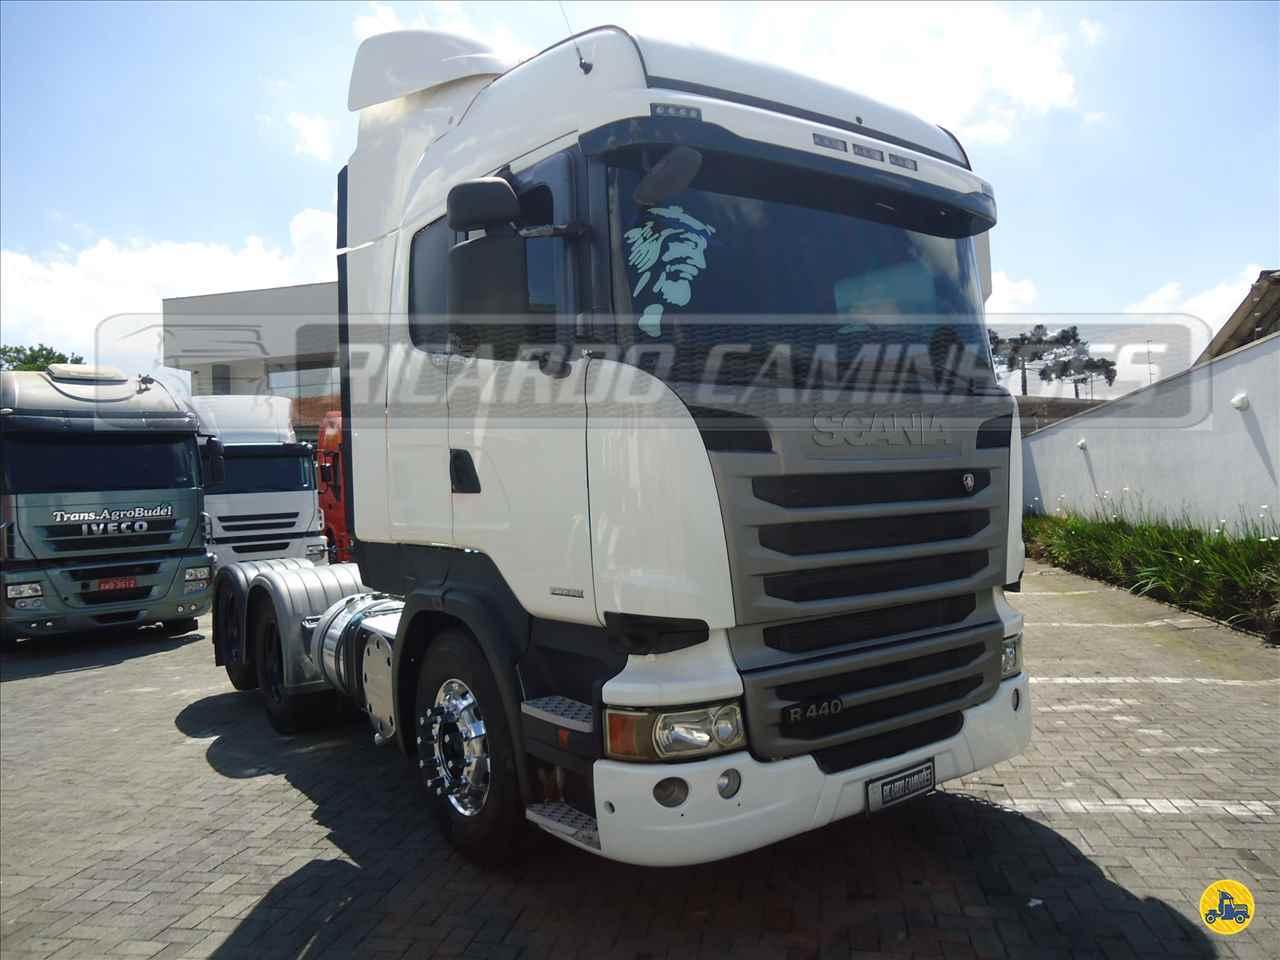 CAMINHAO SCANIA SCANIA 440 Cavalo Mecânico Truck 6x2 Ricardo Caminhões Curitiba CURITIBA PARANÁ PR